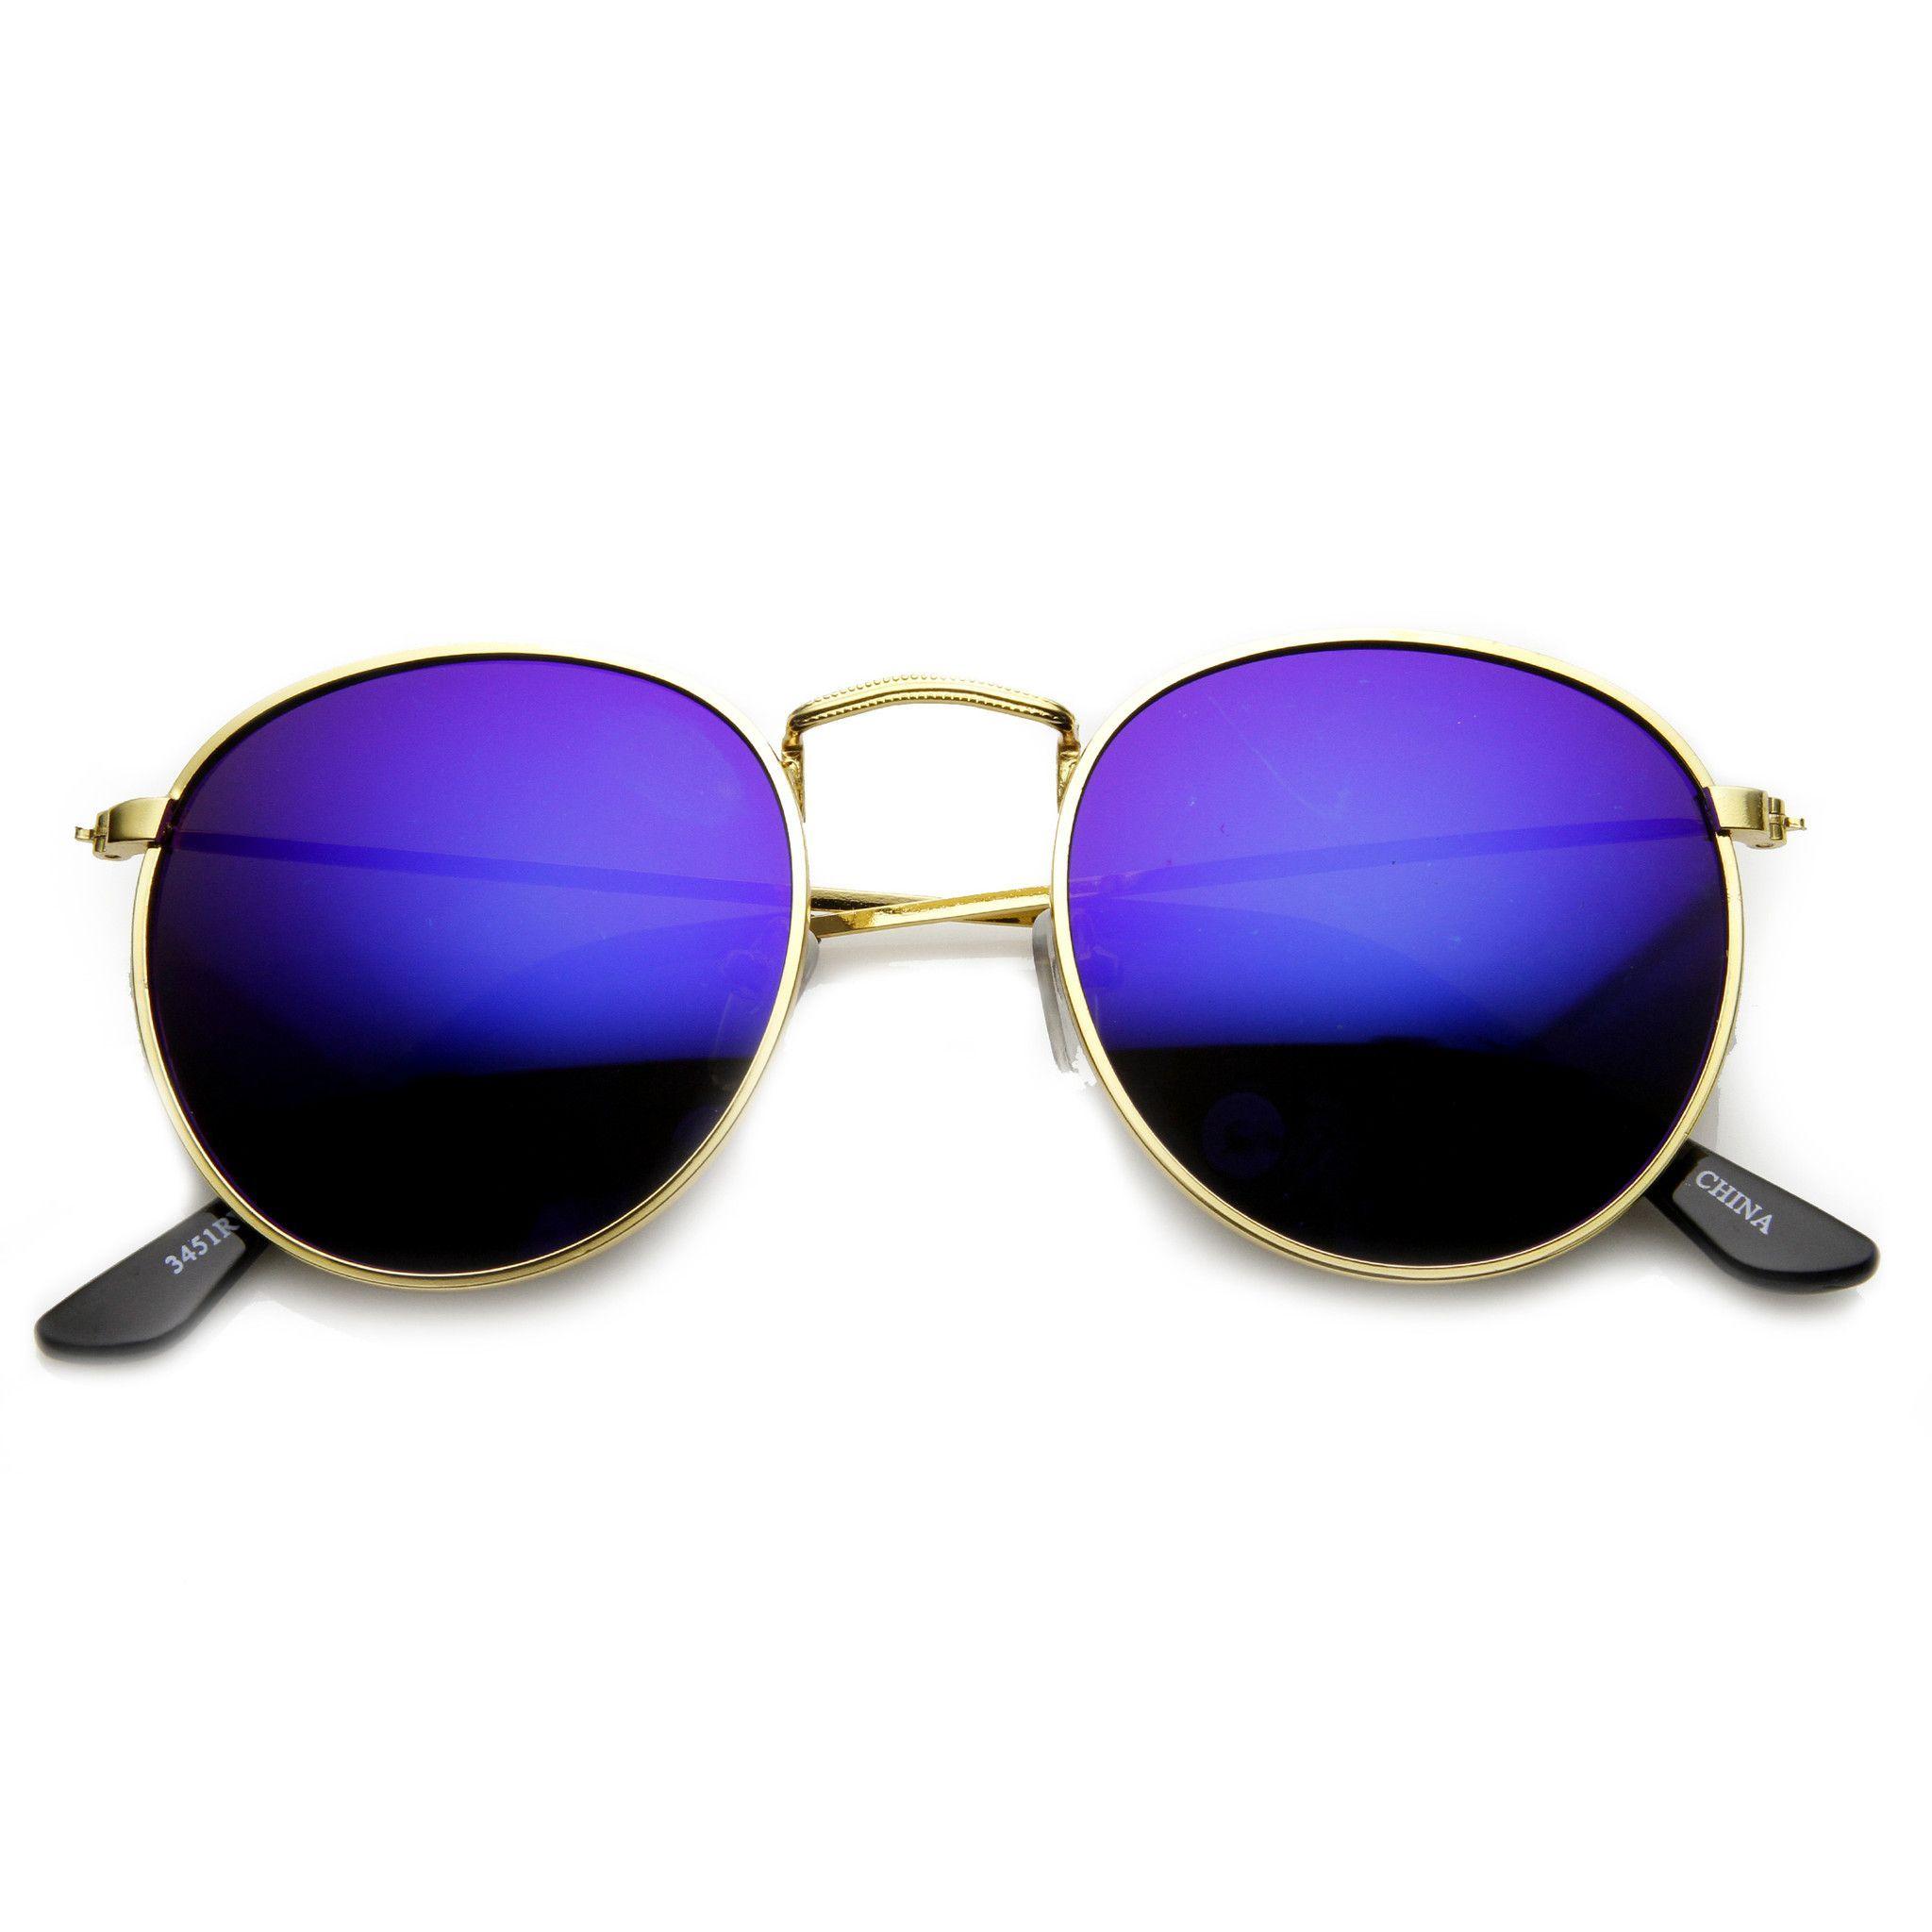 Retro P3 Round Flash Color Mirror Lens Metal Sunglasses 9208 | Flash ...